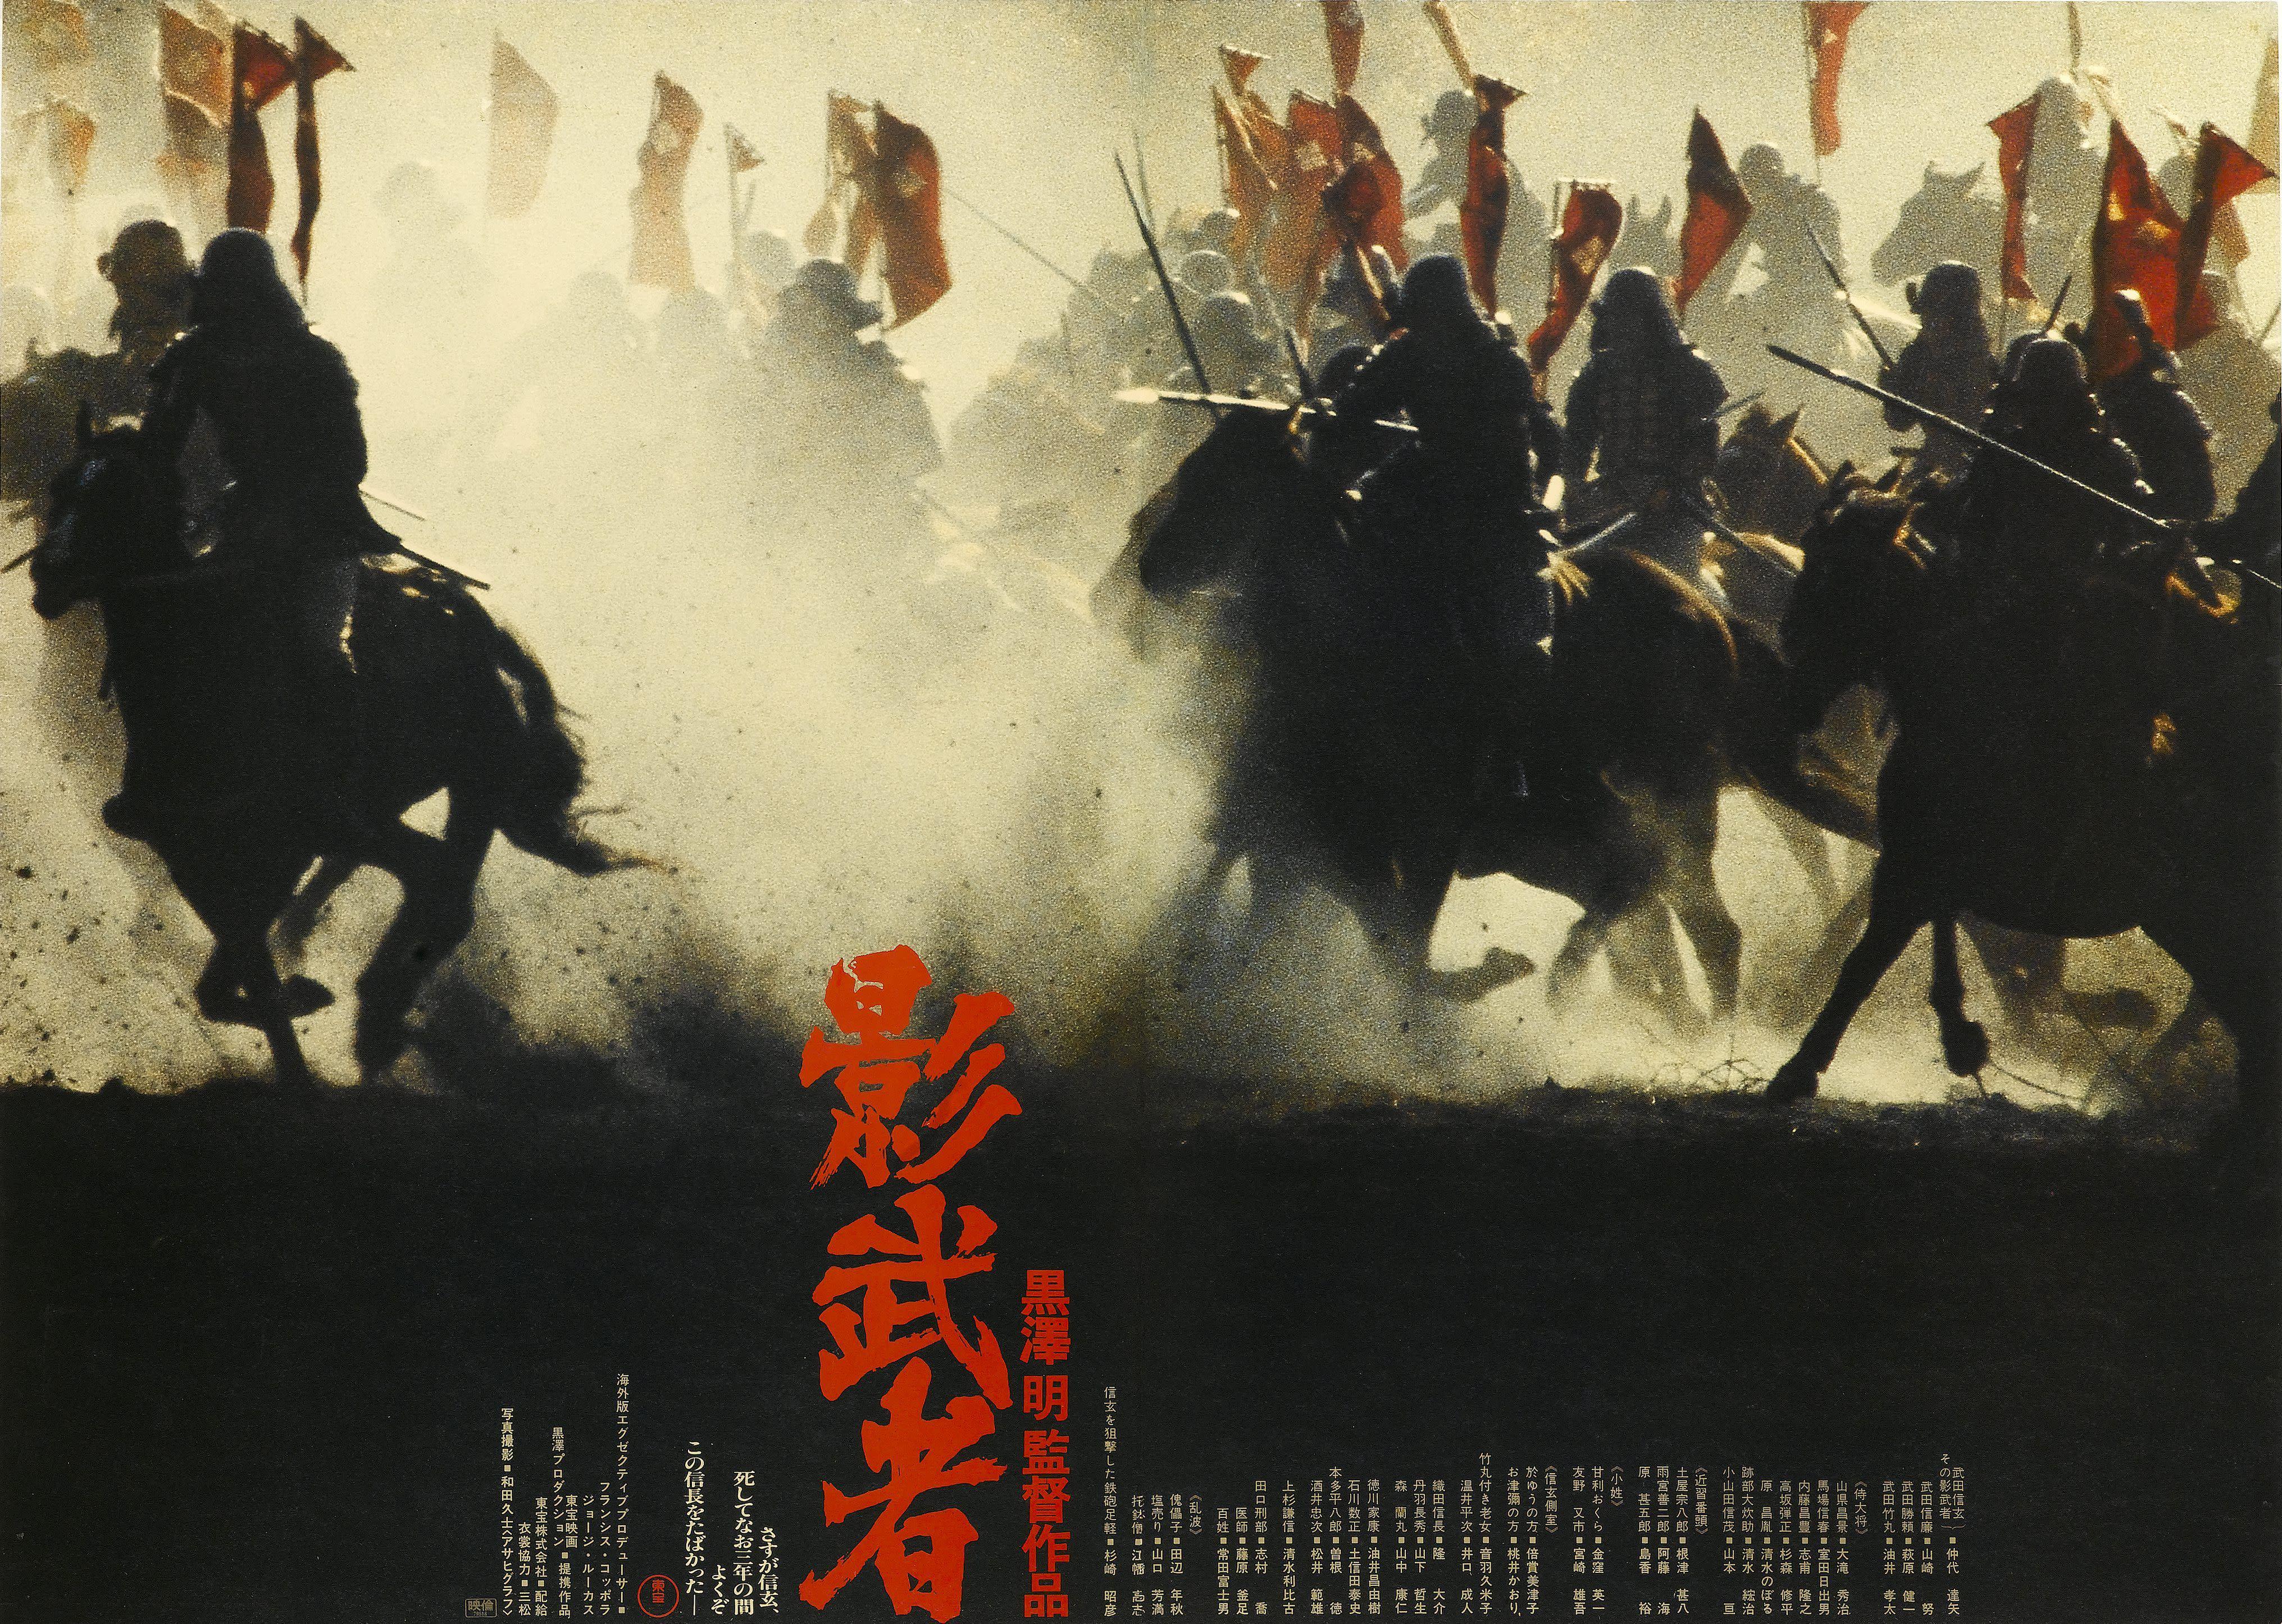 《影武者》,1980。